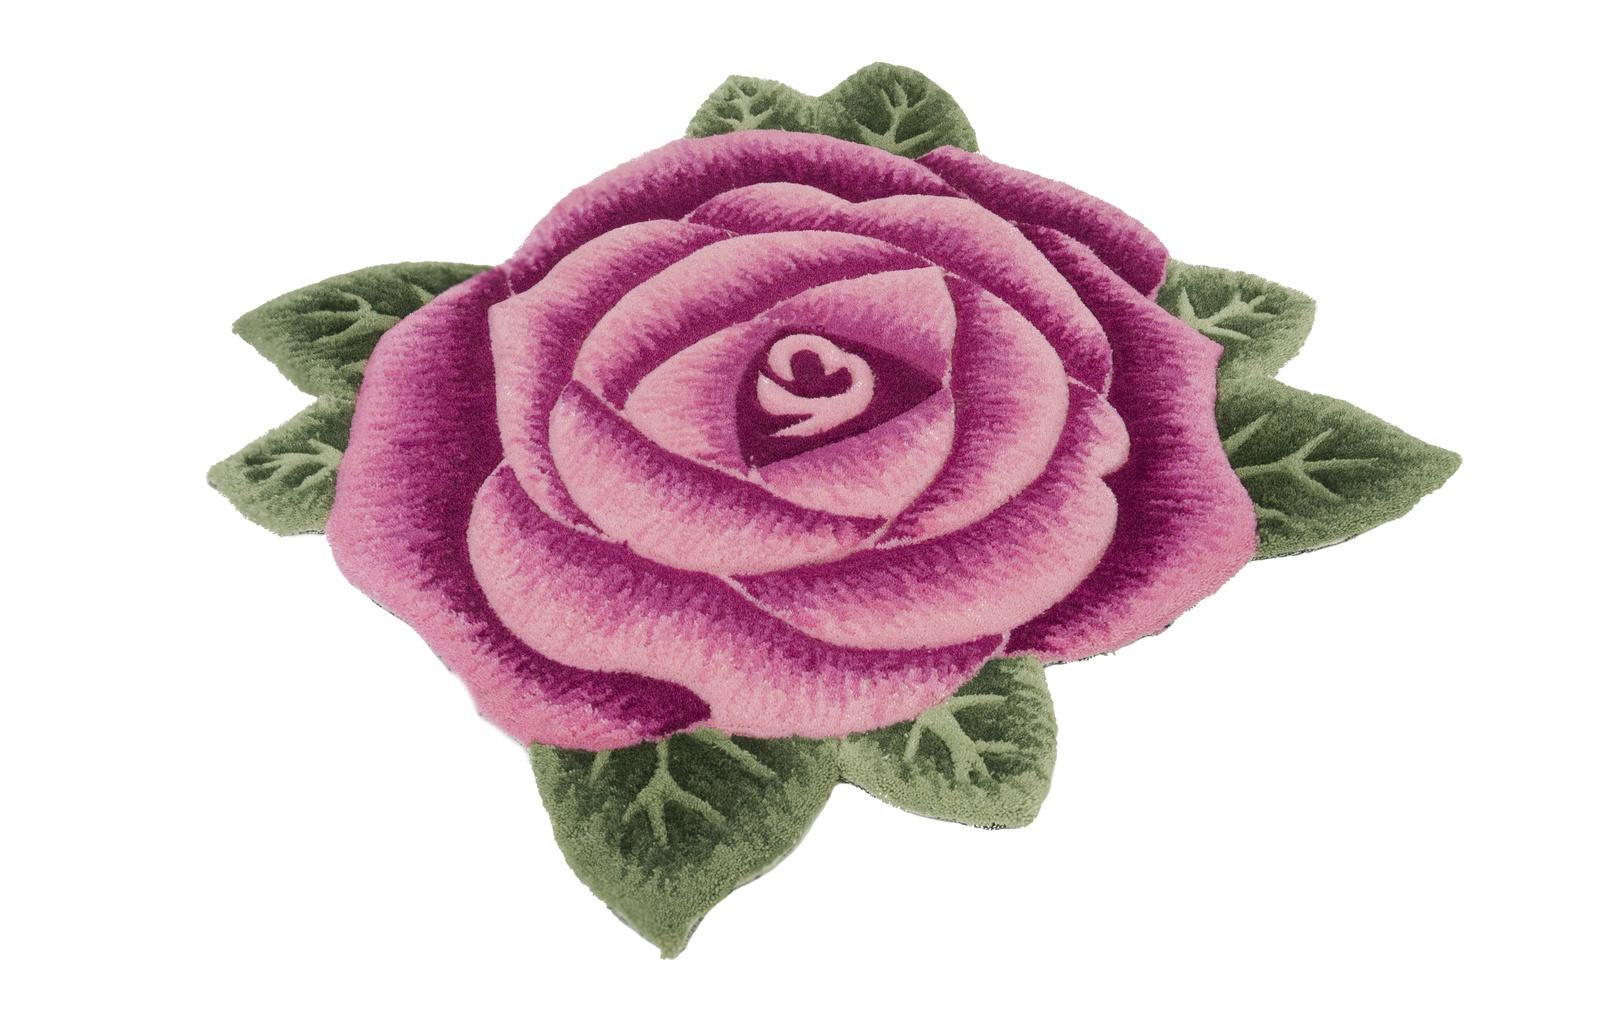 Ковер Madonna 1,2х1,2м круг, розовый